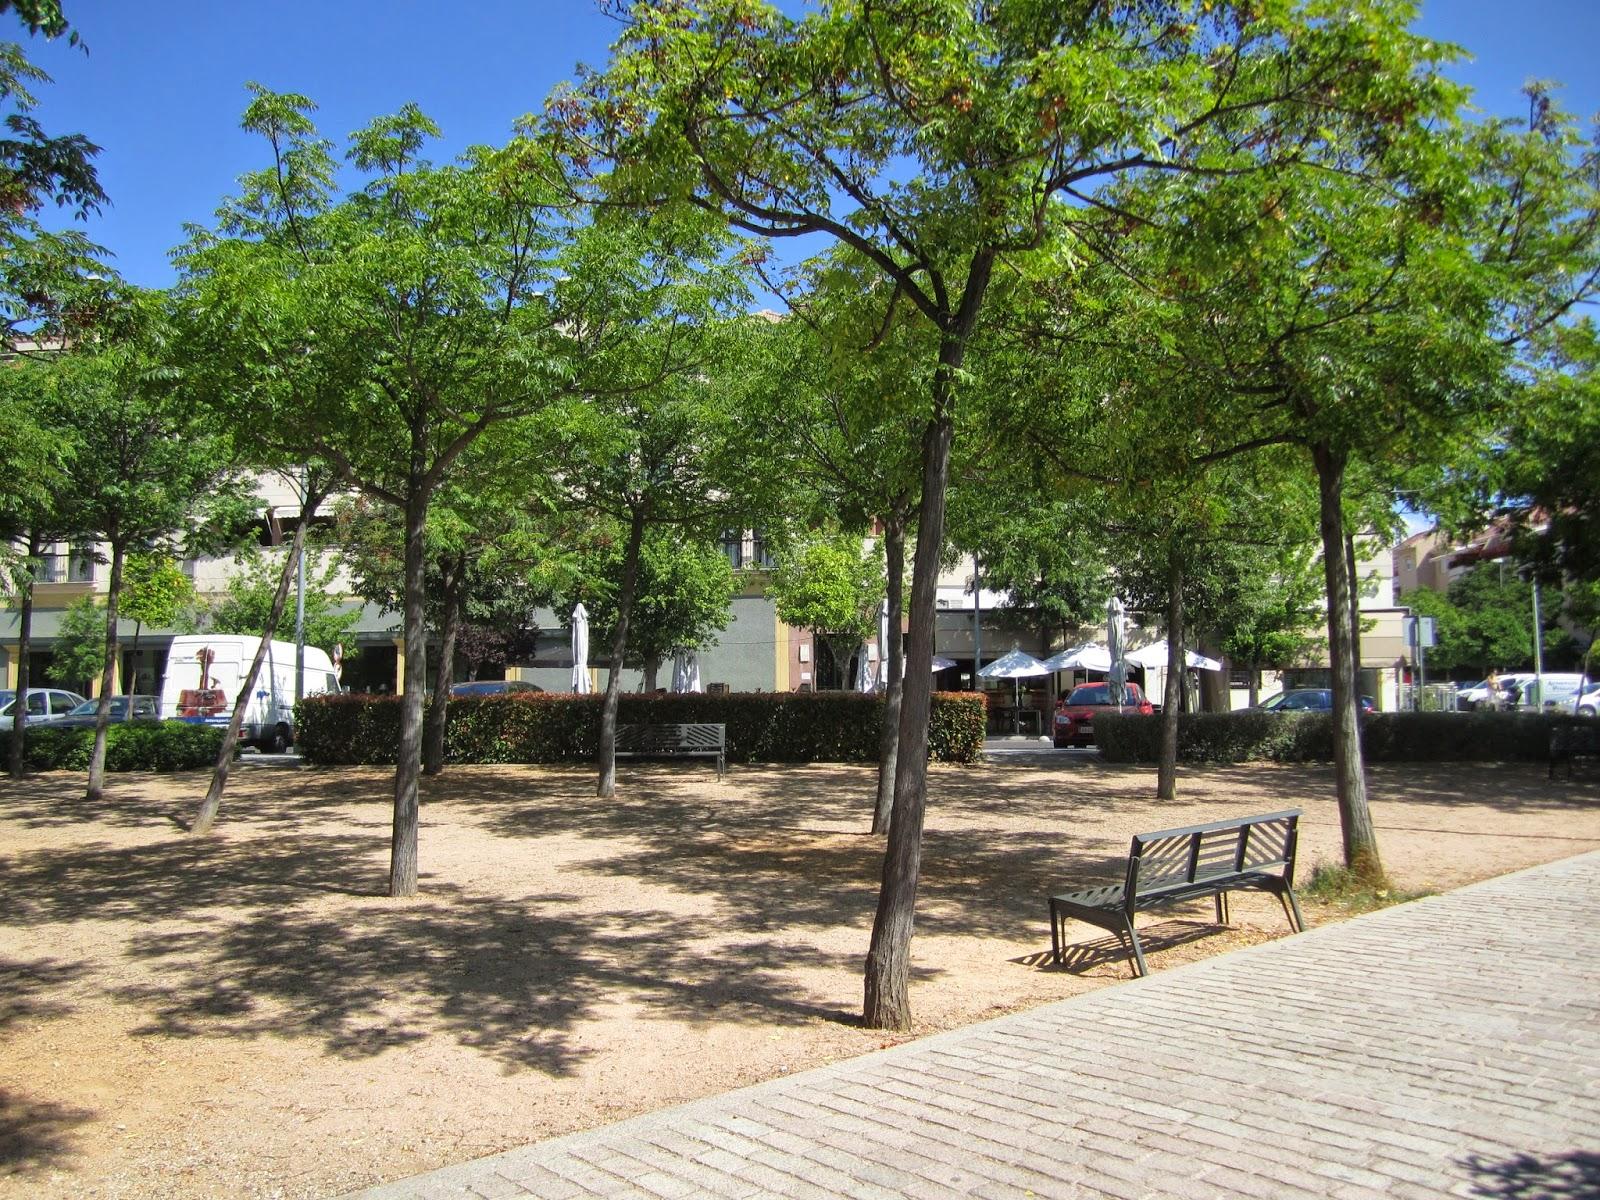 Zona arbolada con sombra, bancos y suelo de terrizo. En primer plano se ve la superficie adoquinada en desnivel con la zona de descanso.